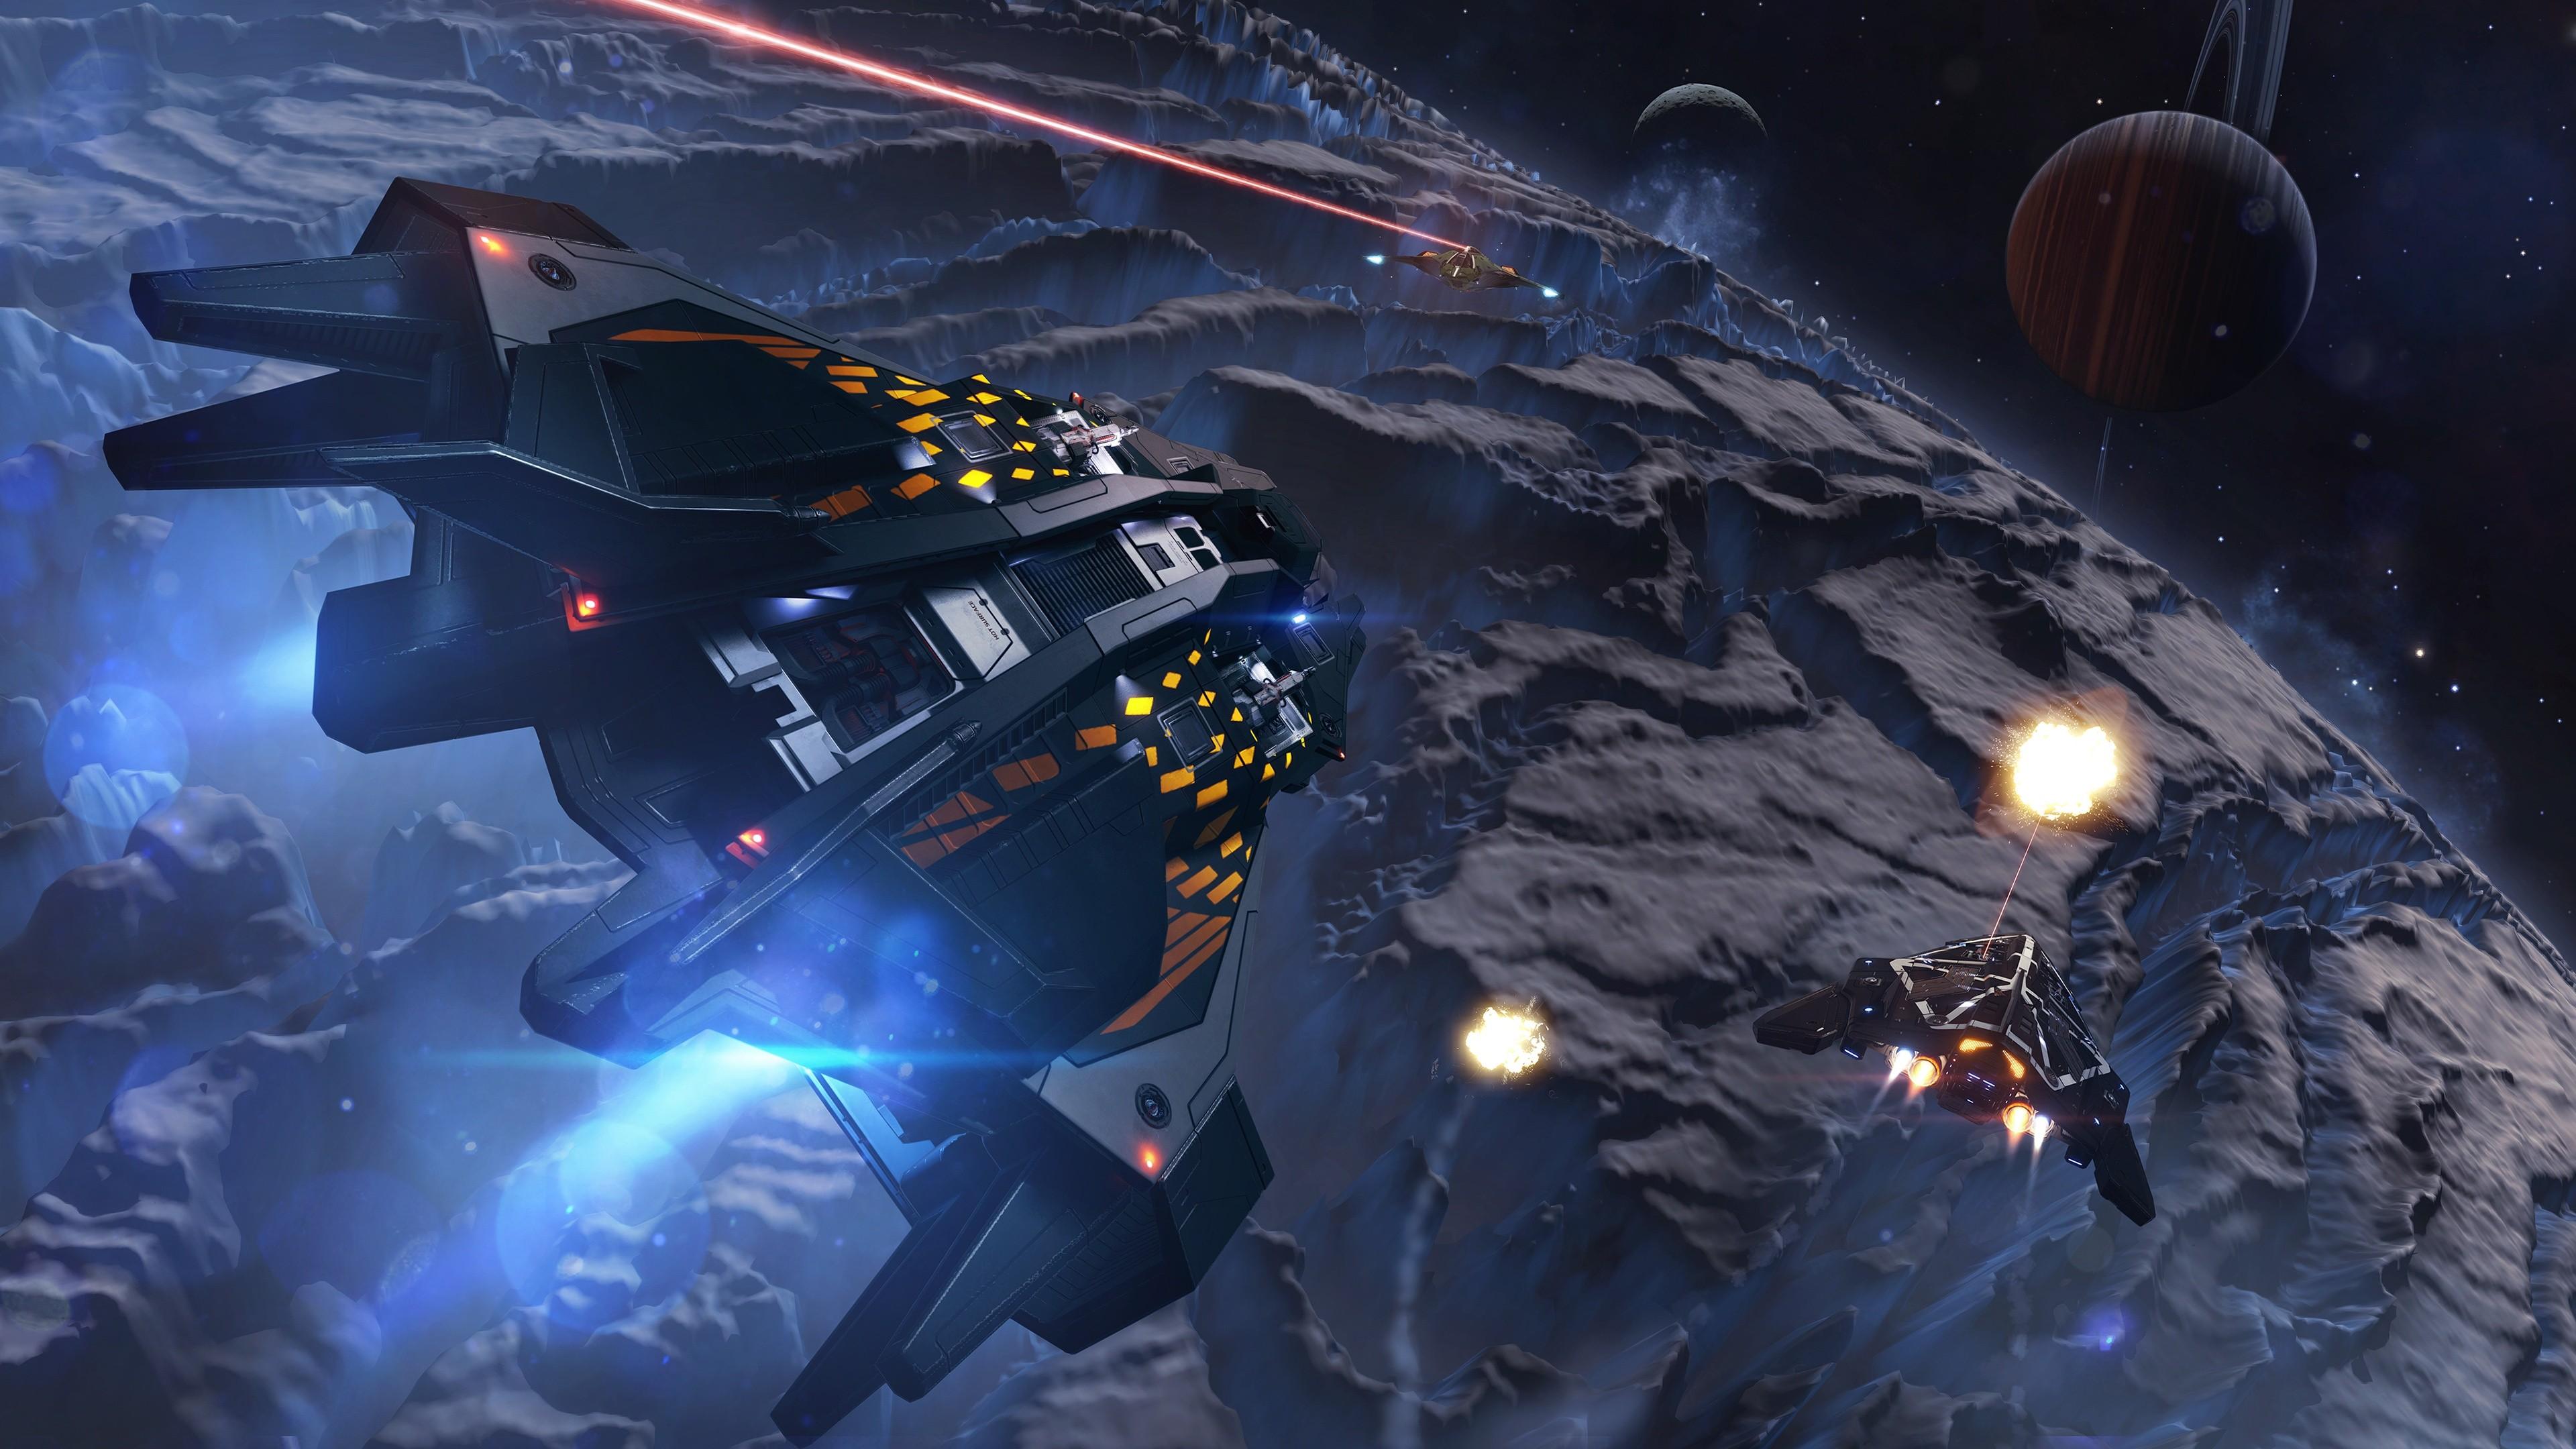 デスクトップ壁紙 ビデオゲーム スペース 車両 エリート危険な スクリーンショット 宇宙船 コンピュータの壁紙 地球の雰囲気 宇宙空間 天体 3840x2160 Thorragnarok デスクトップ壁紙 Wallhere